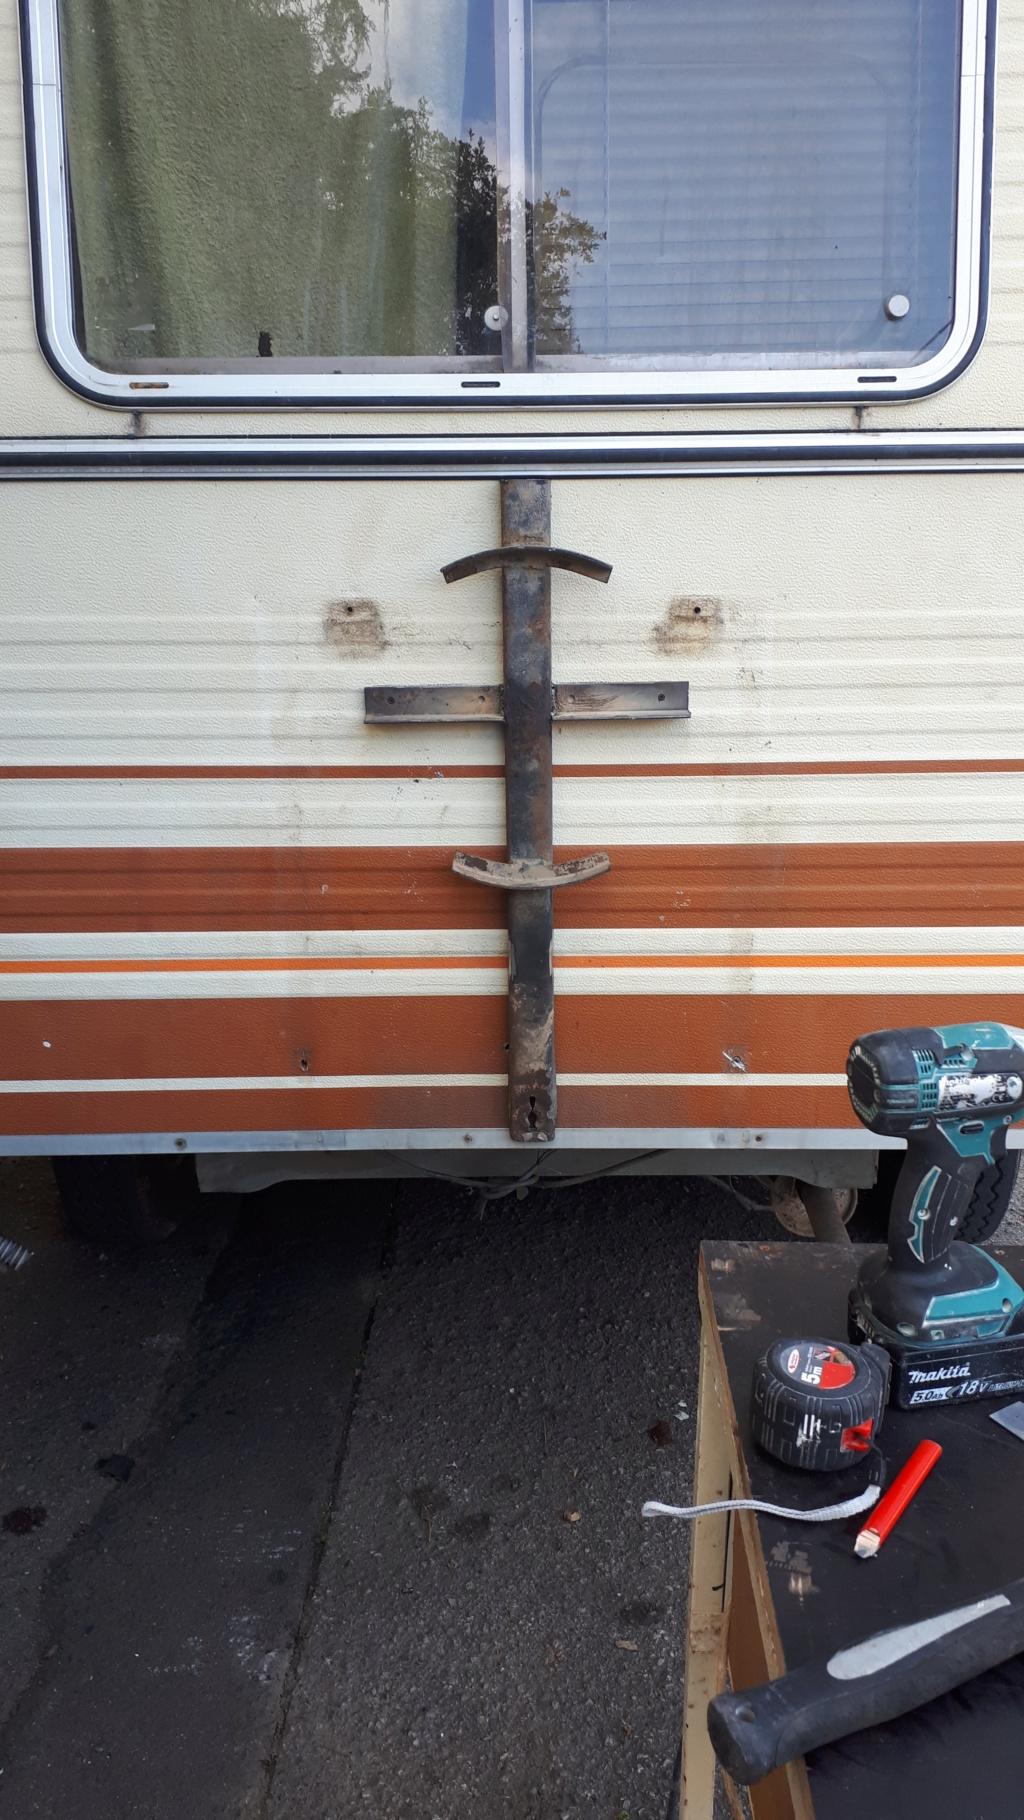 [MK2]mon camionno - Page 3 20190212